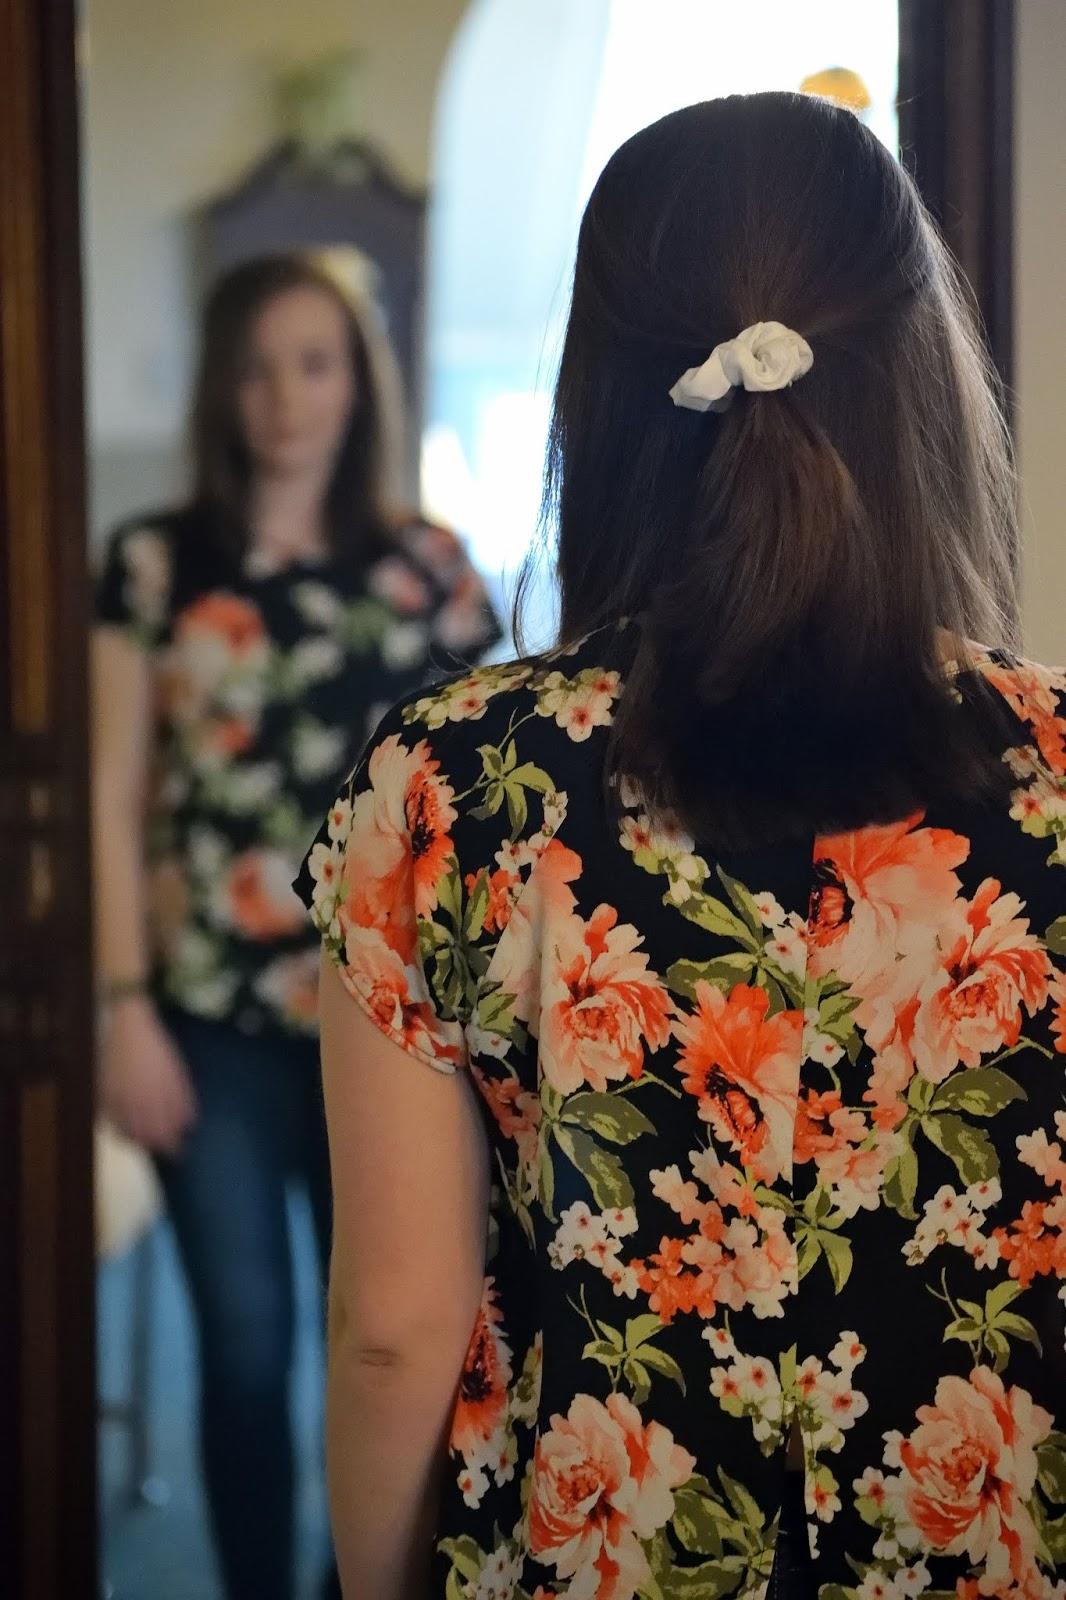 donna davanti allo specchio in jeans e maglietta floreale